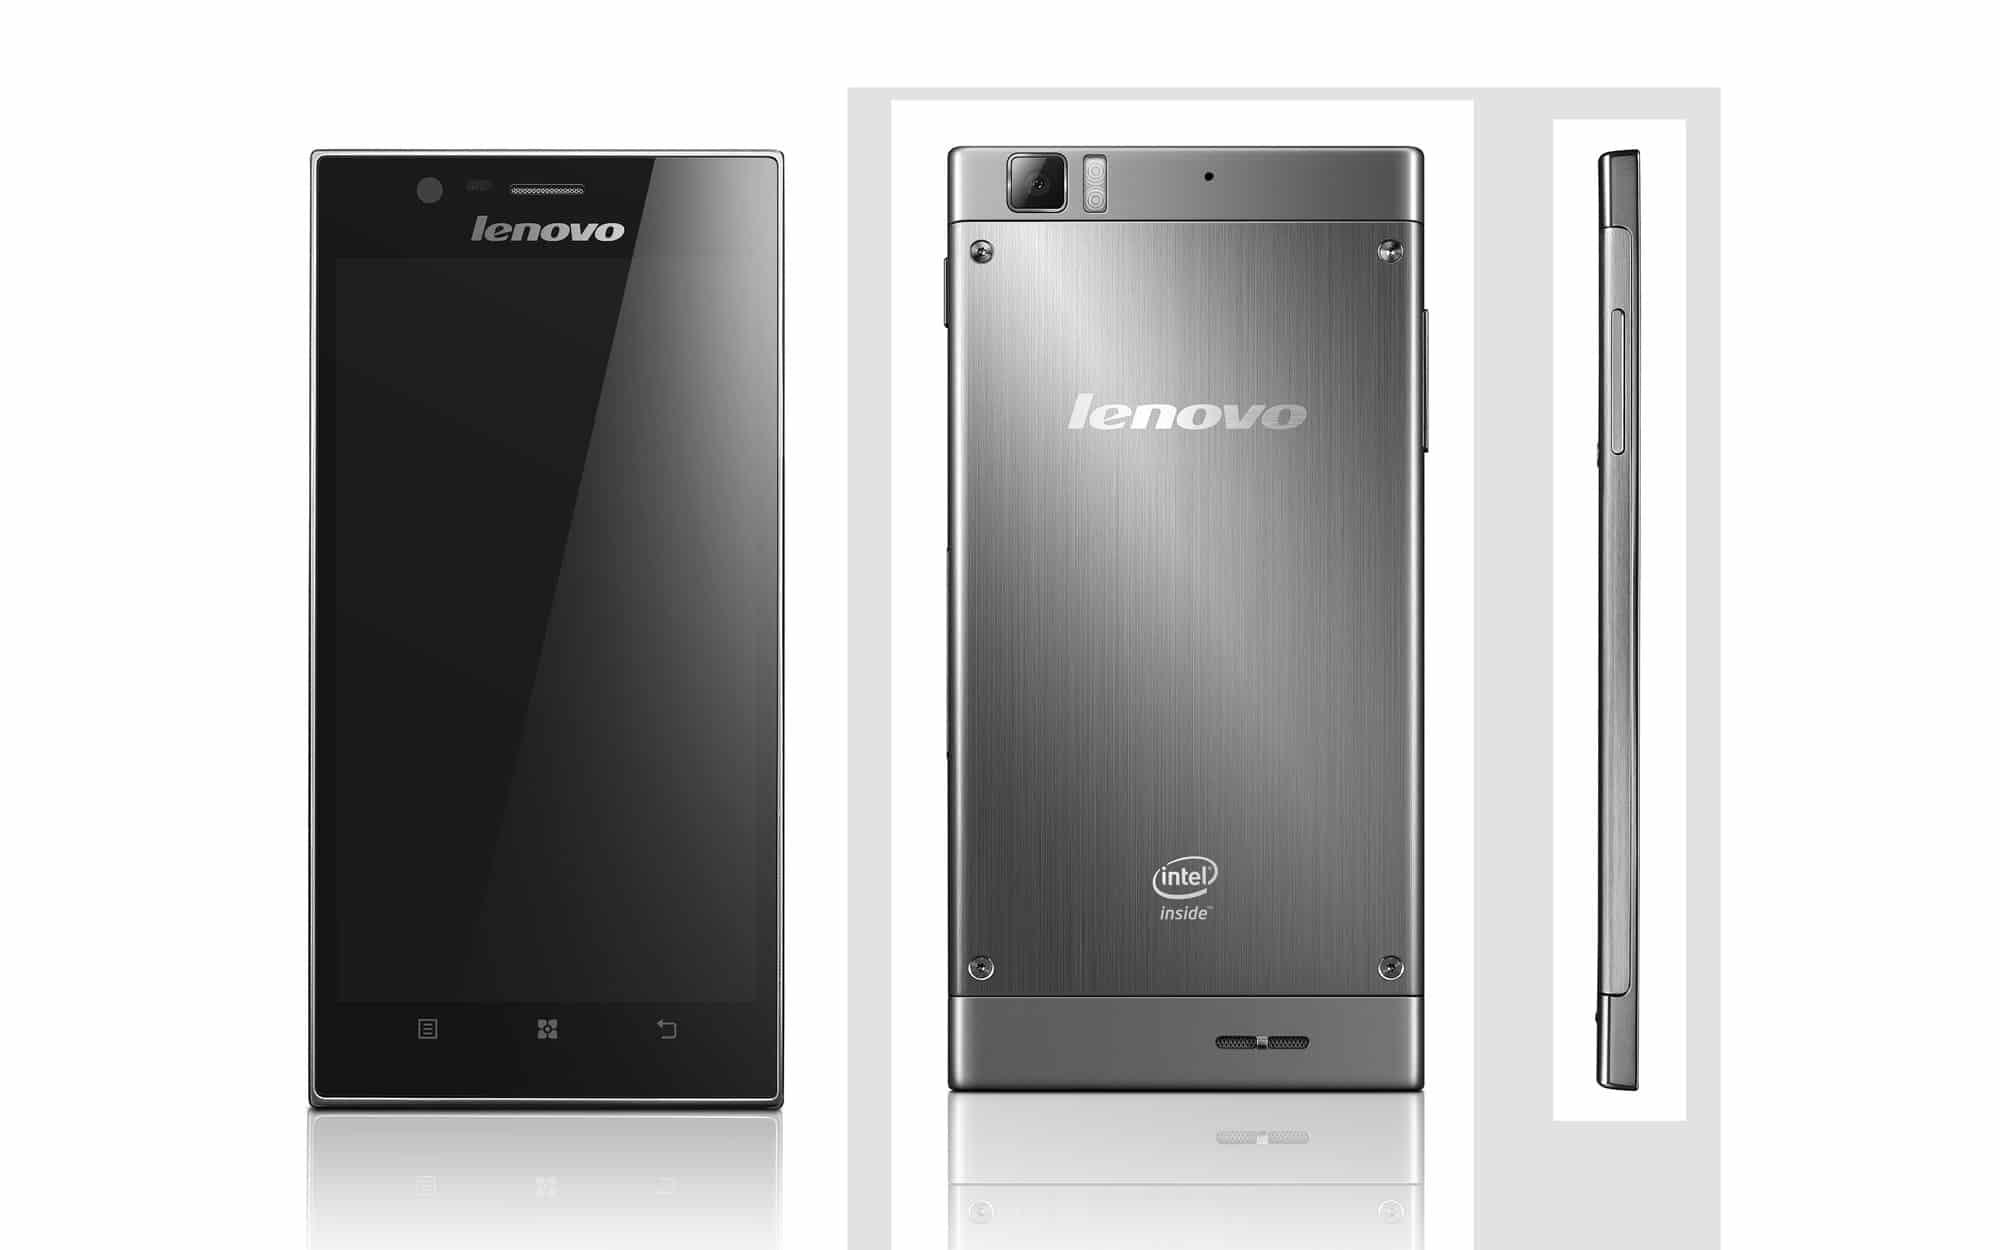 NEC Corporation: Lenovo busca con la compra de patentes utilizar tecnología para mejorar su futura línea de smartphones.